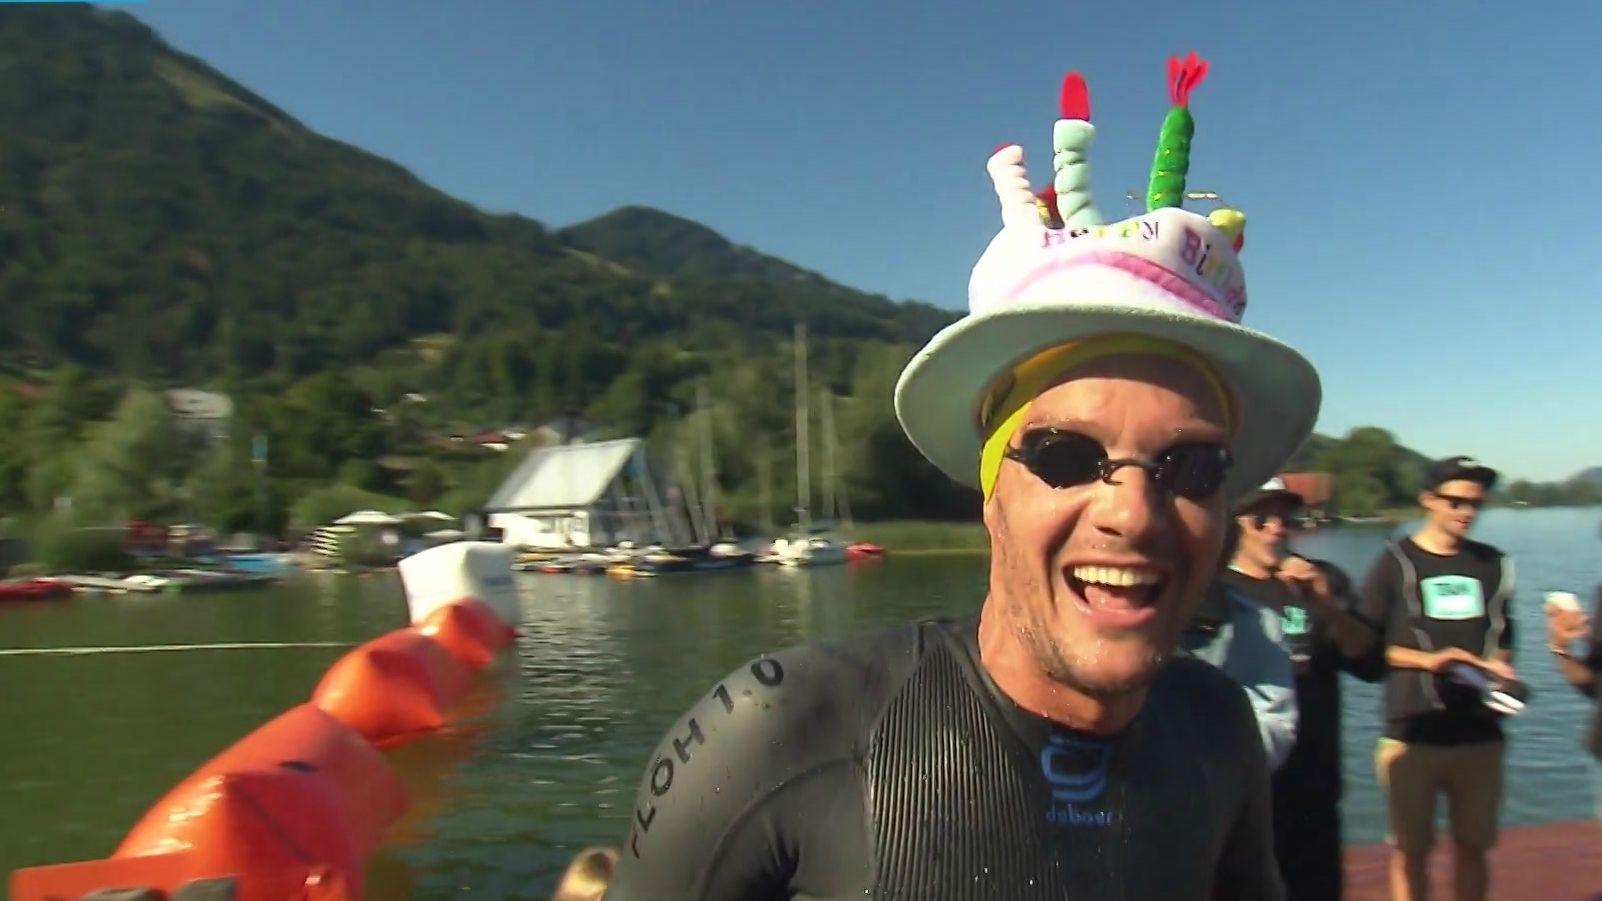 Jan Frodeno gewinnt an seinem 38. Geburtstag den Allgäu Triathlon